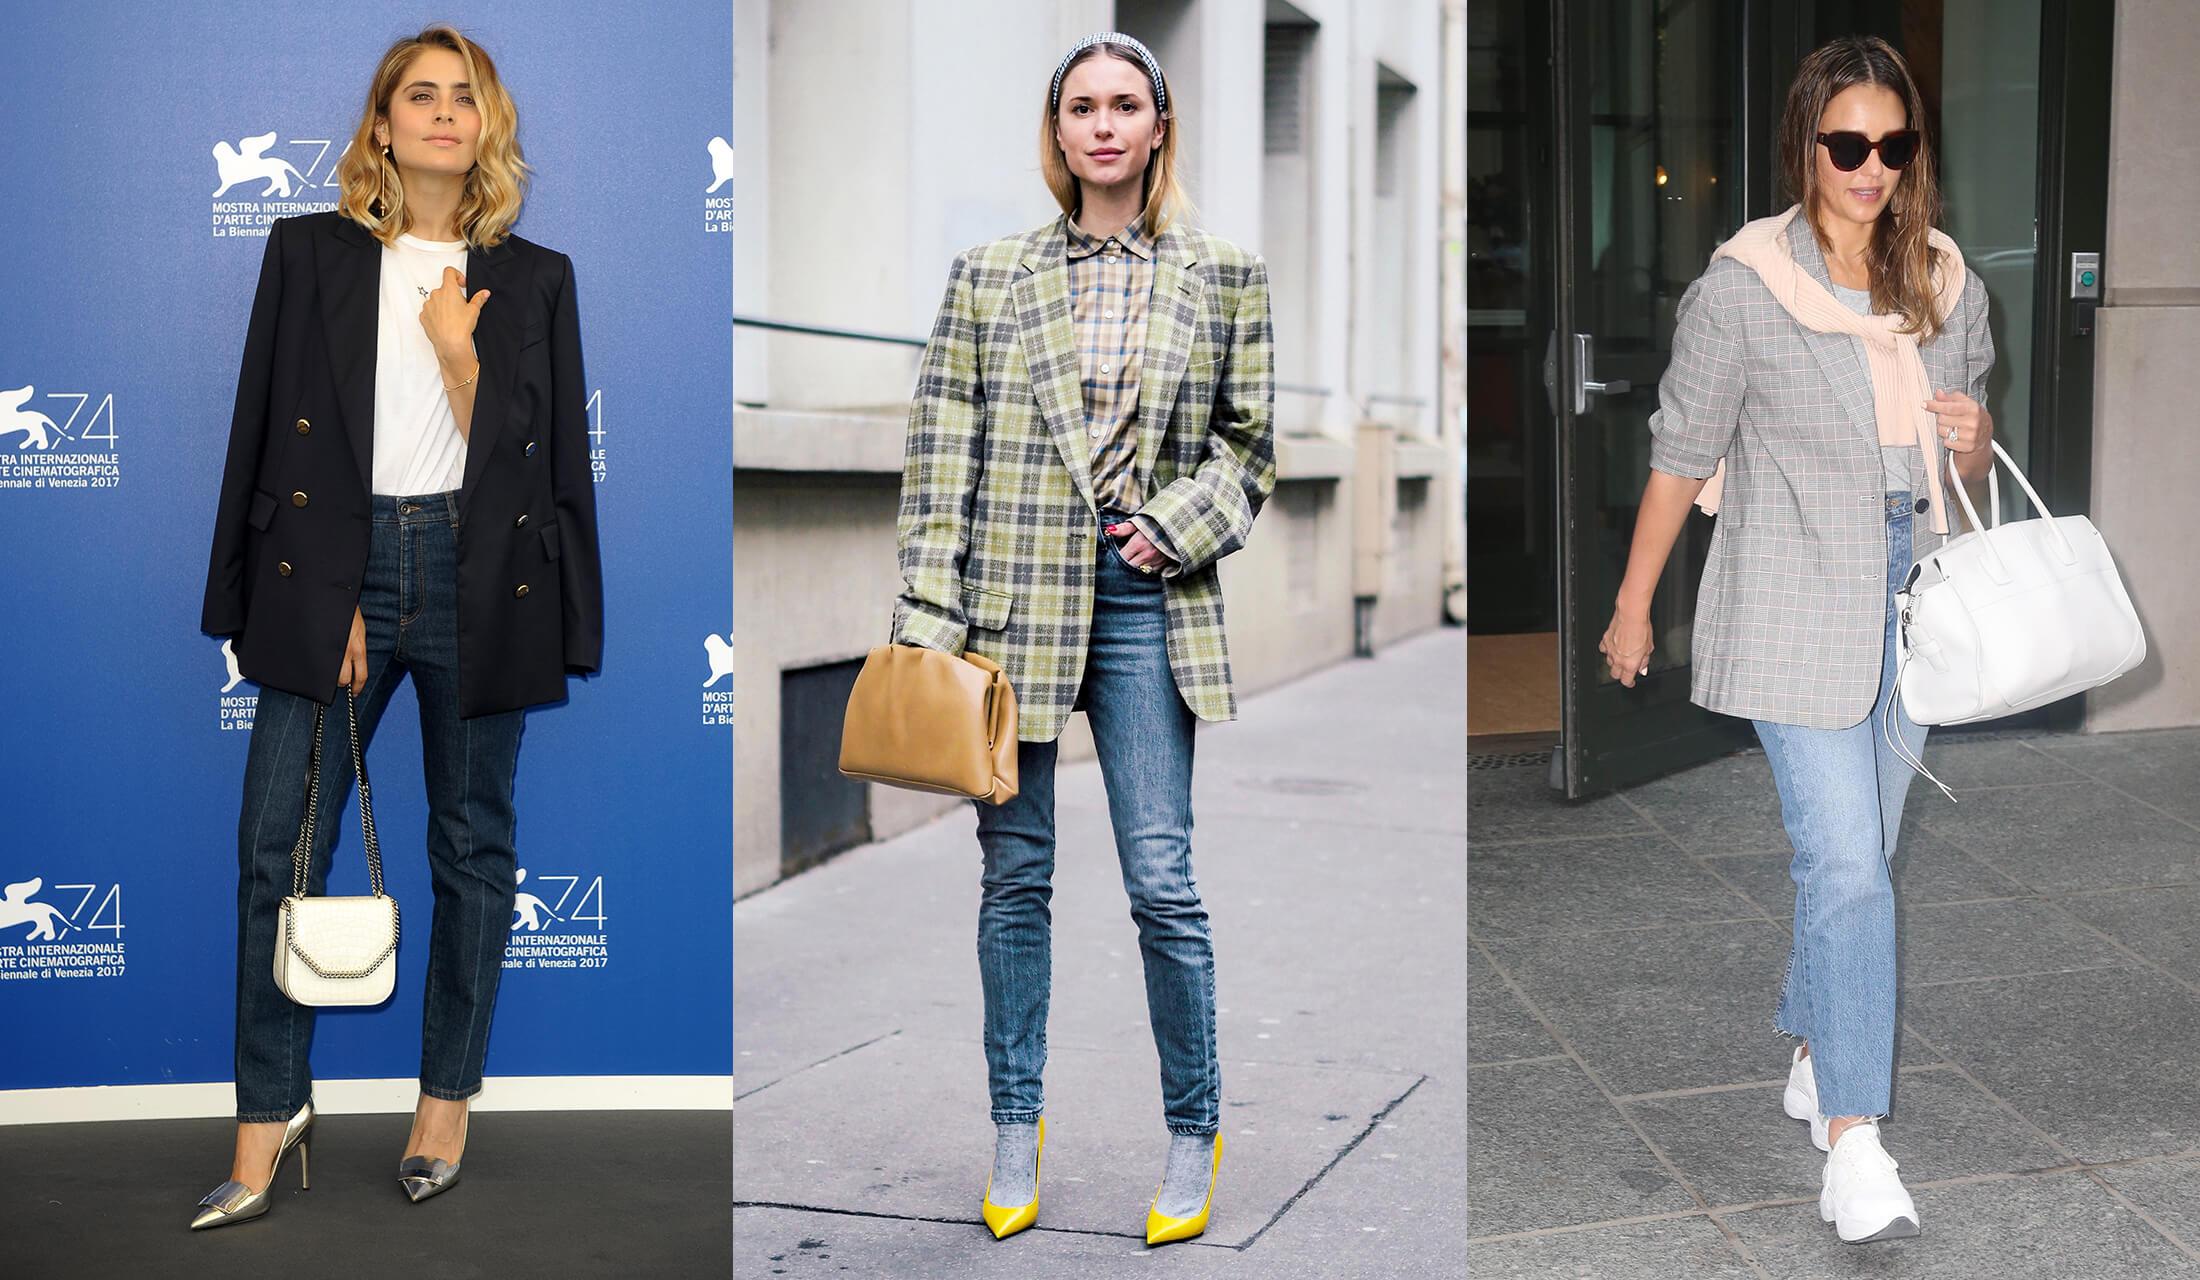 ジャケットとジーンズを着こなす女性たち